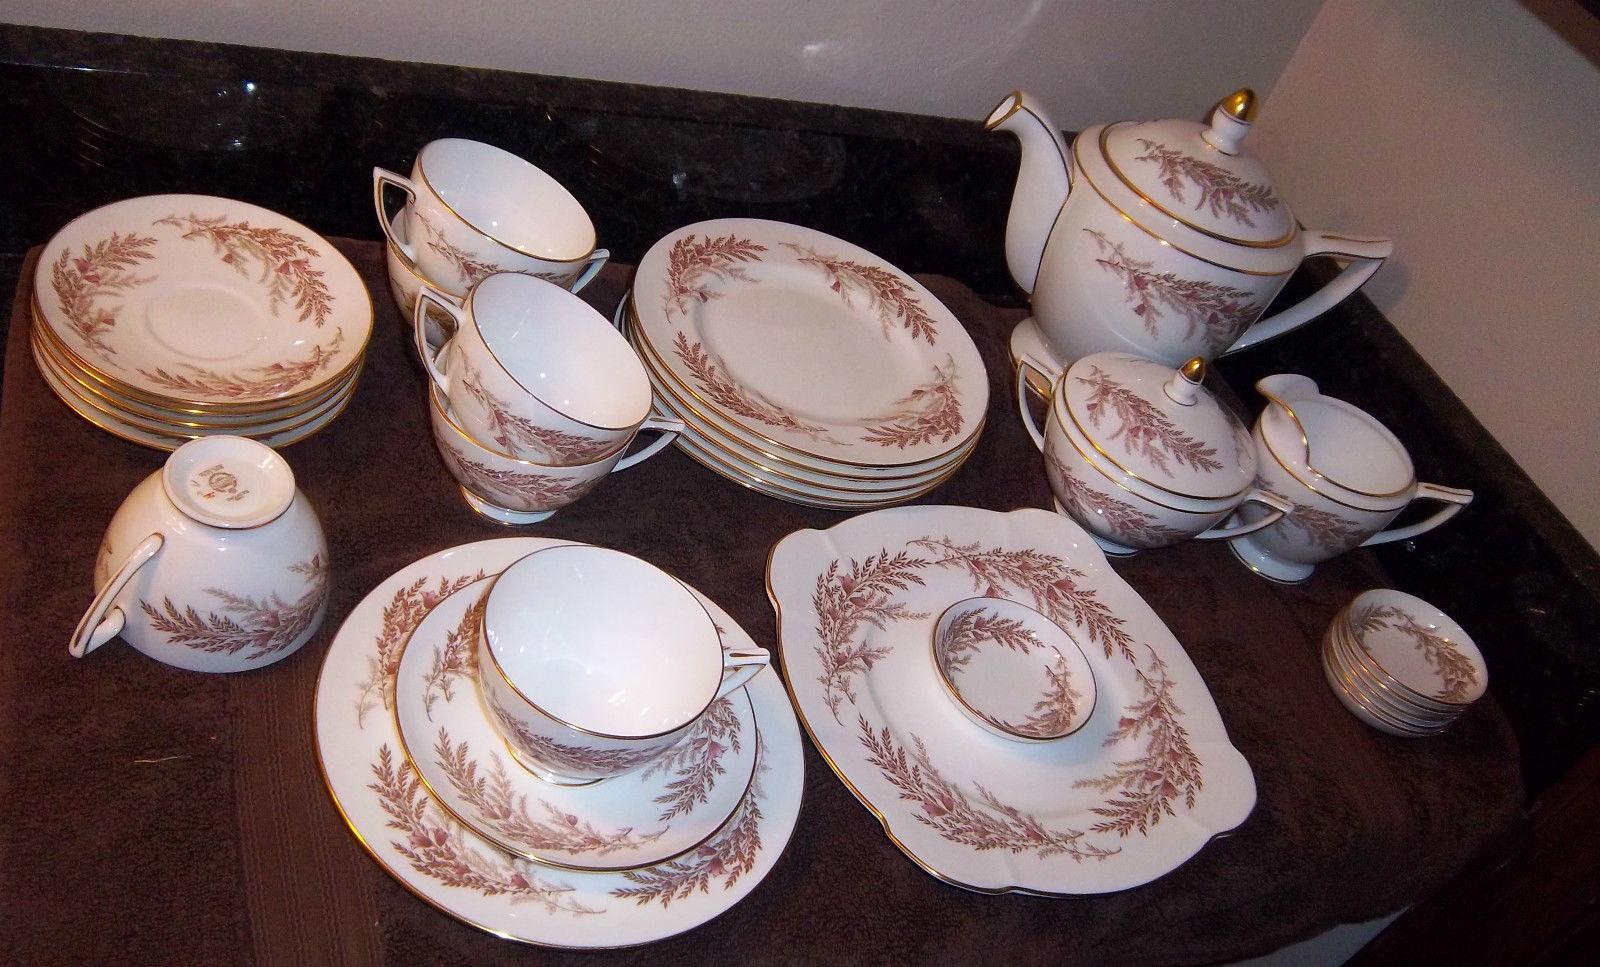 MINTON Bedford 30 pieces: Teapot, Cups, Serve Plate, Plates, Mini Bowls, AMAZING - $261.00